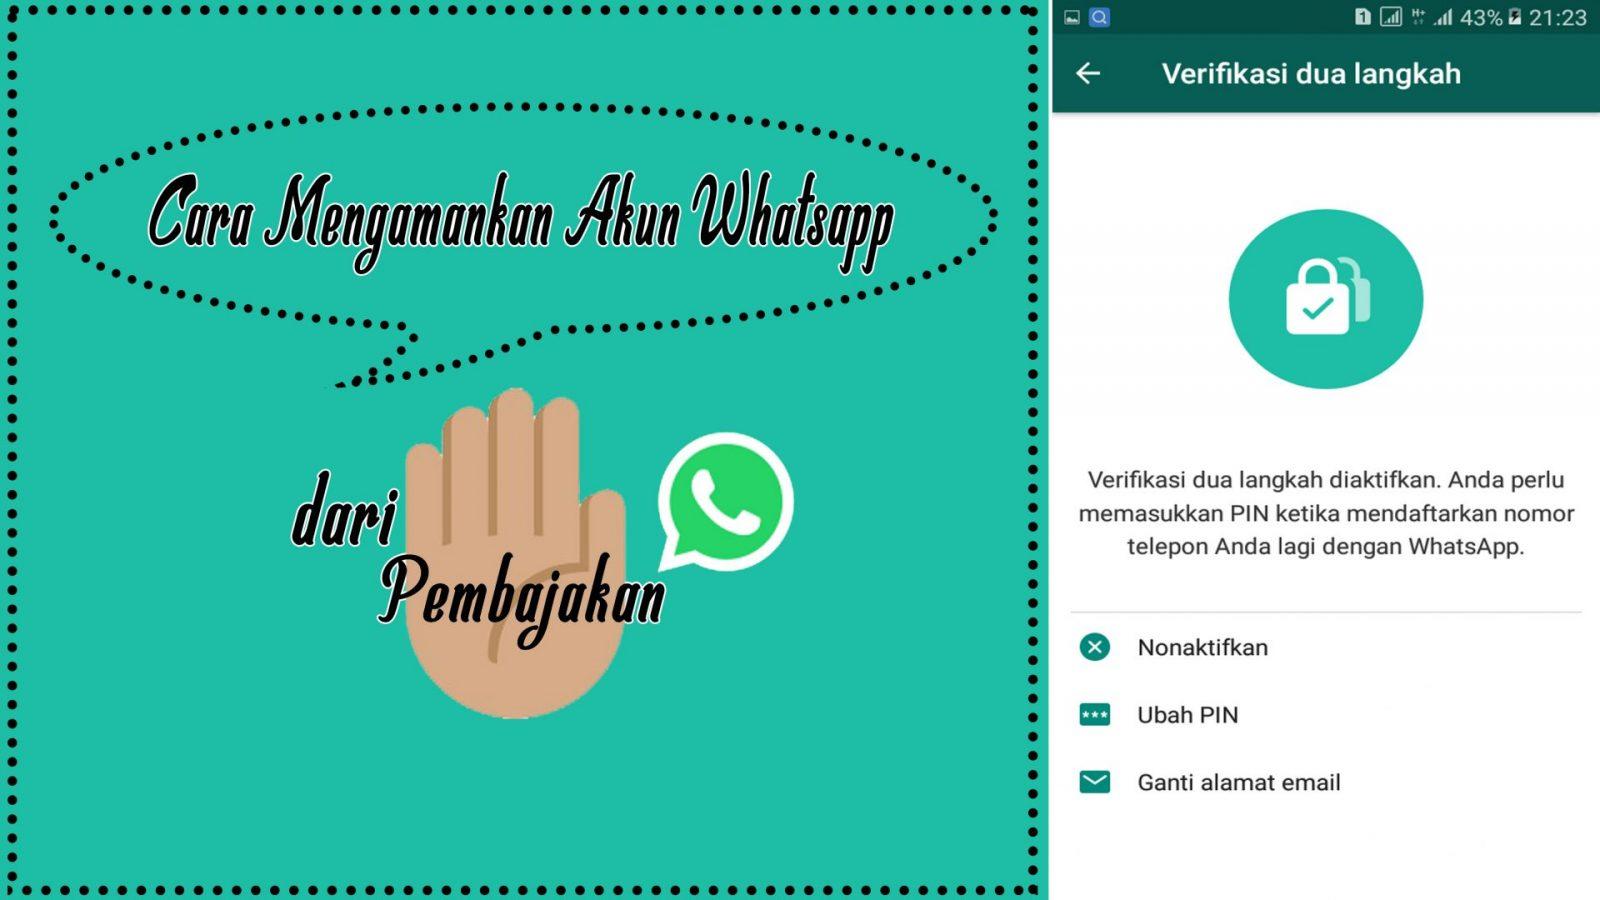 Cara [paling ampuh] amankan Akun Whatsapp dari Pembajakan